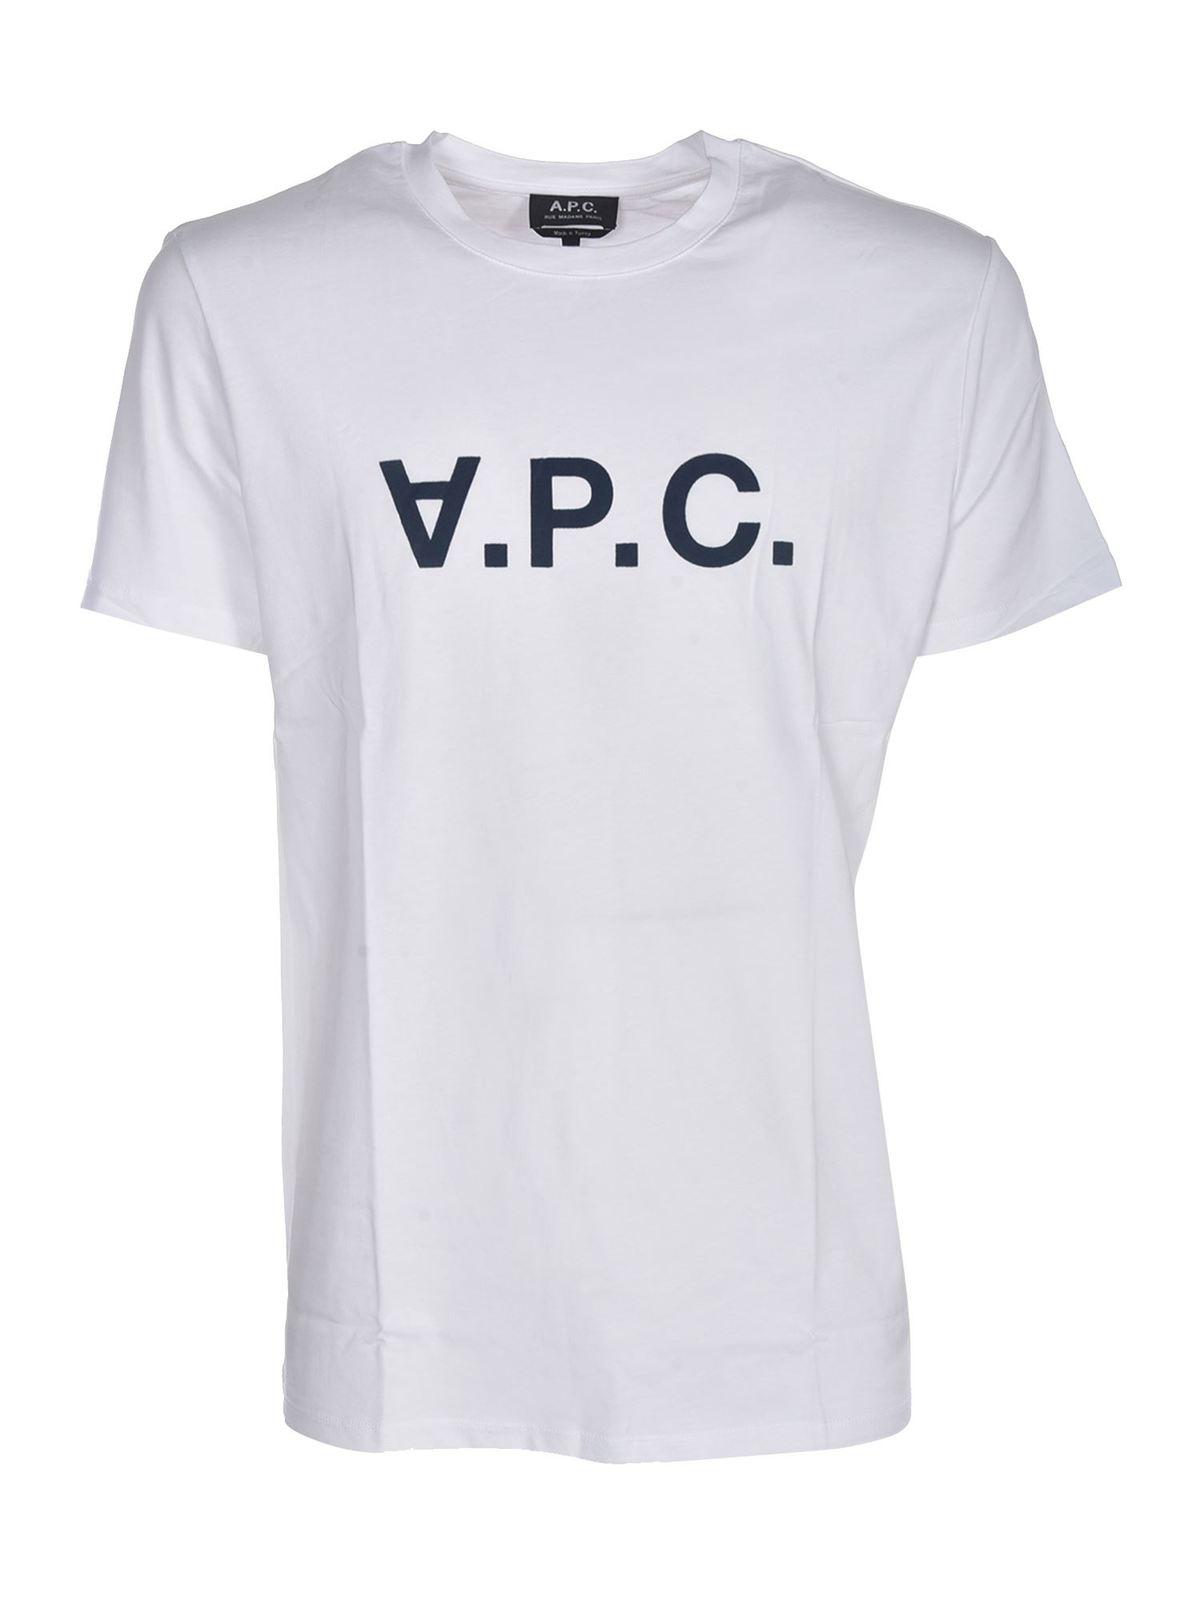 A.p.c. APC T-SHIRT IN WHITE